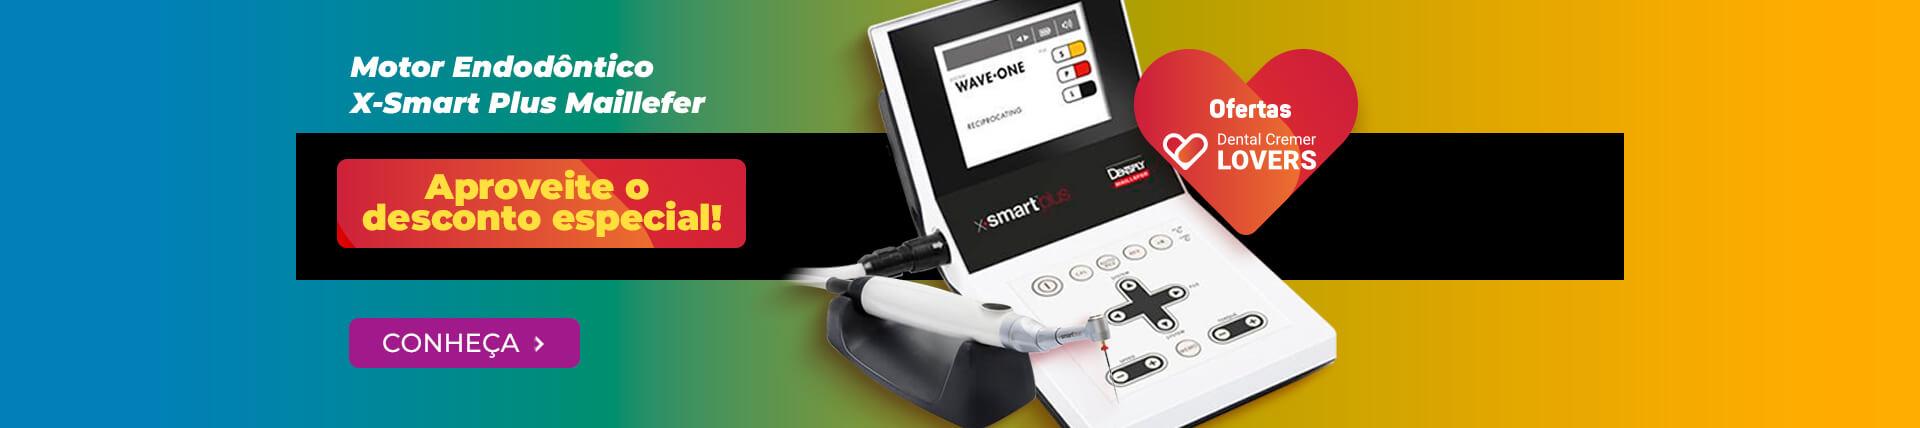 Motor Endodôntico X-Smart Plus Maillefer com preço exclusivo Lovers | Dental Cremer